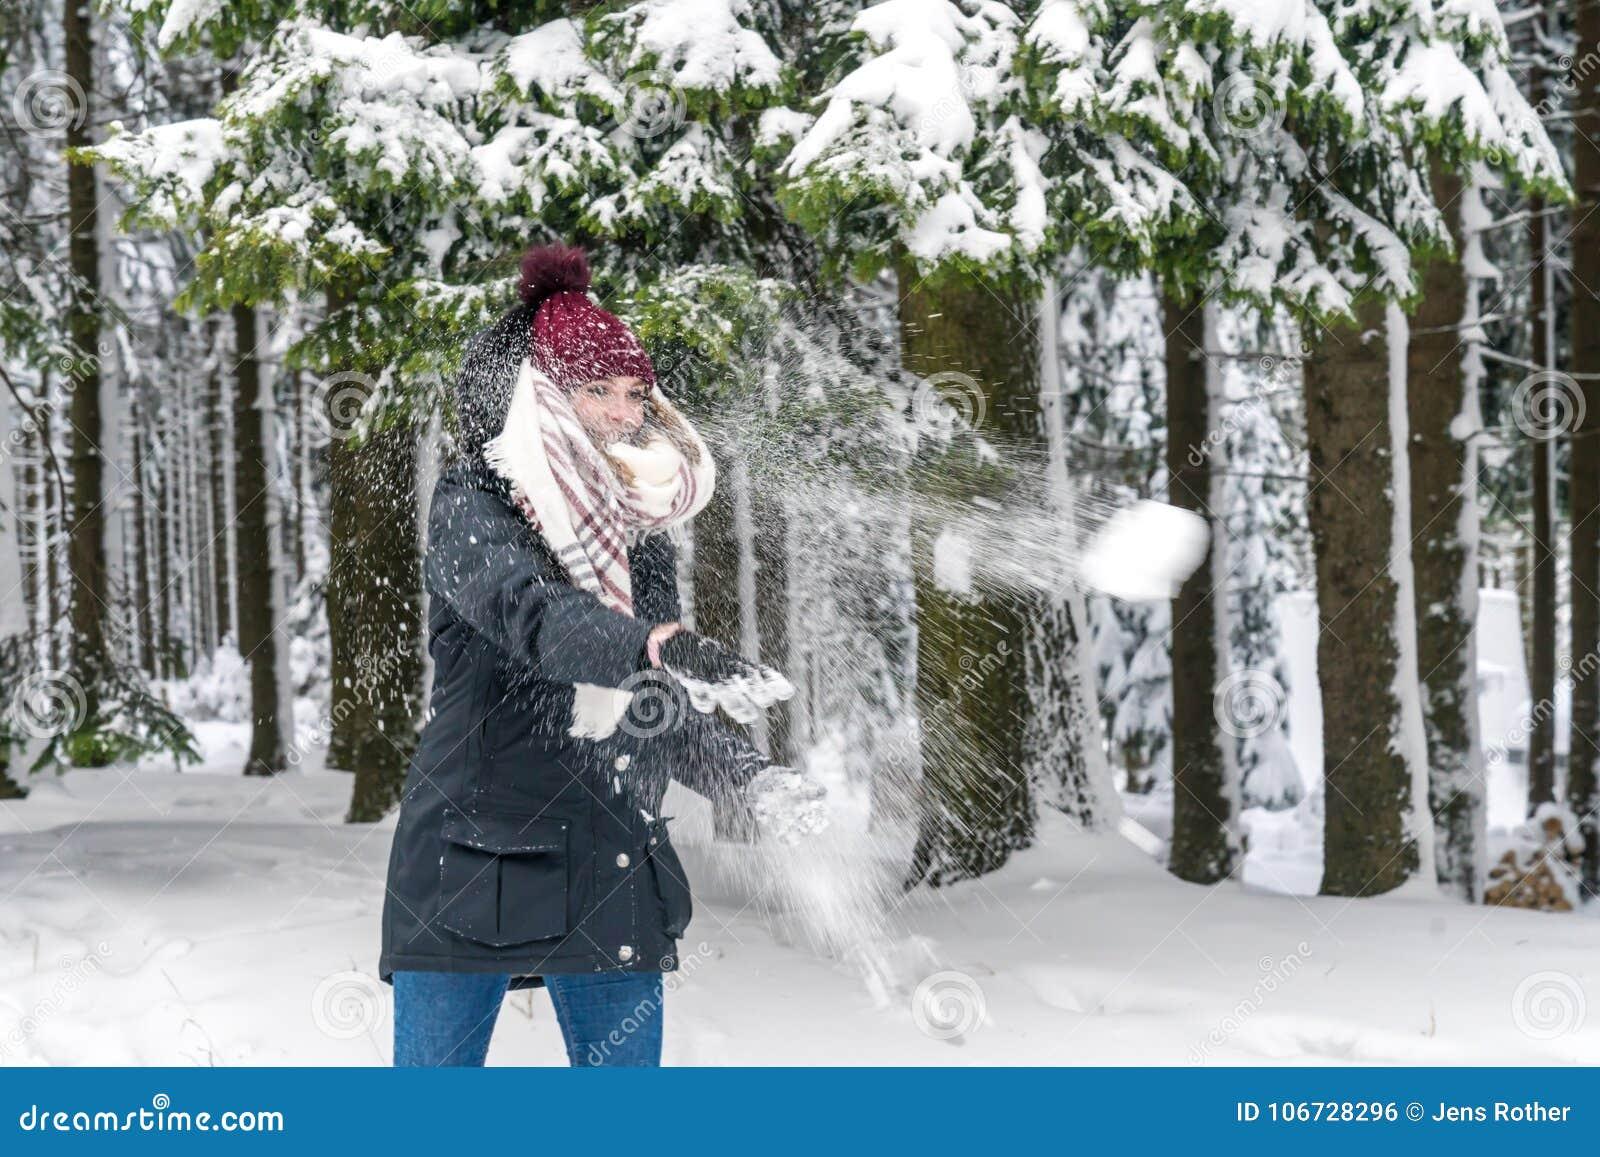 Молодая женщина бросает снежный ком